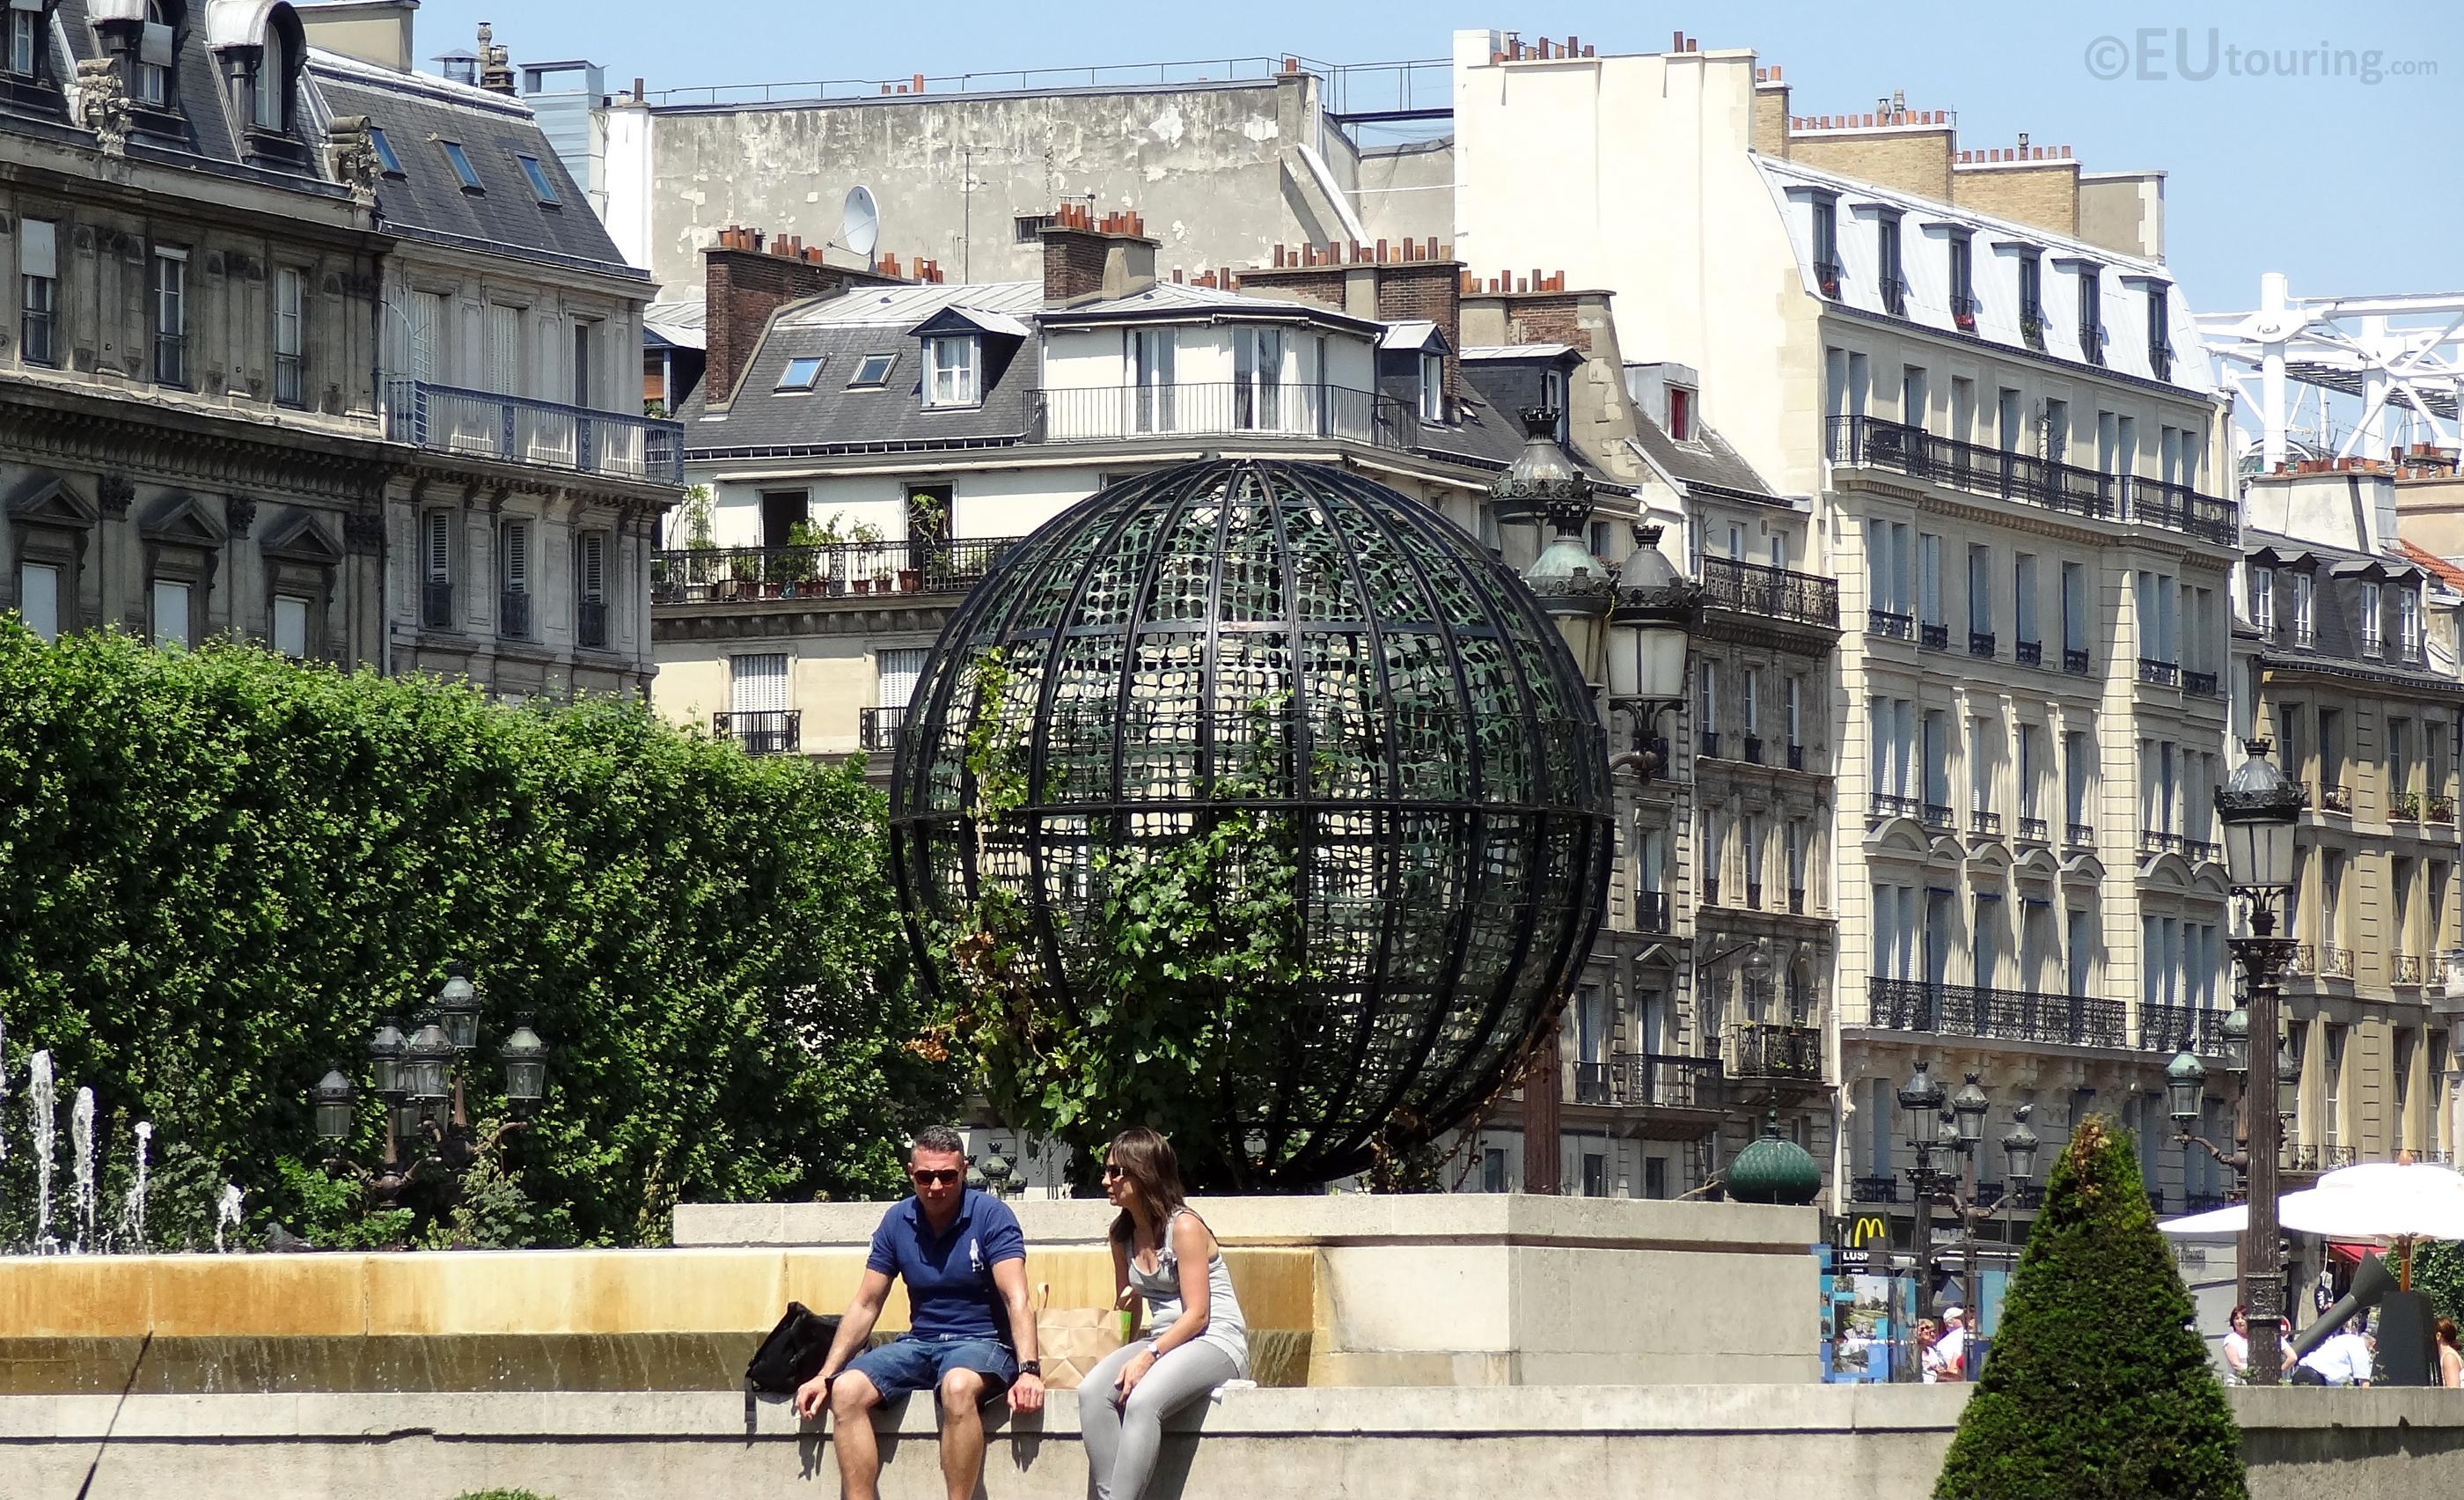 Place de l'Hotel de Ville square